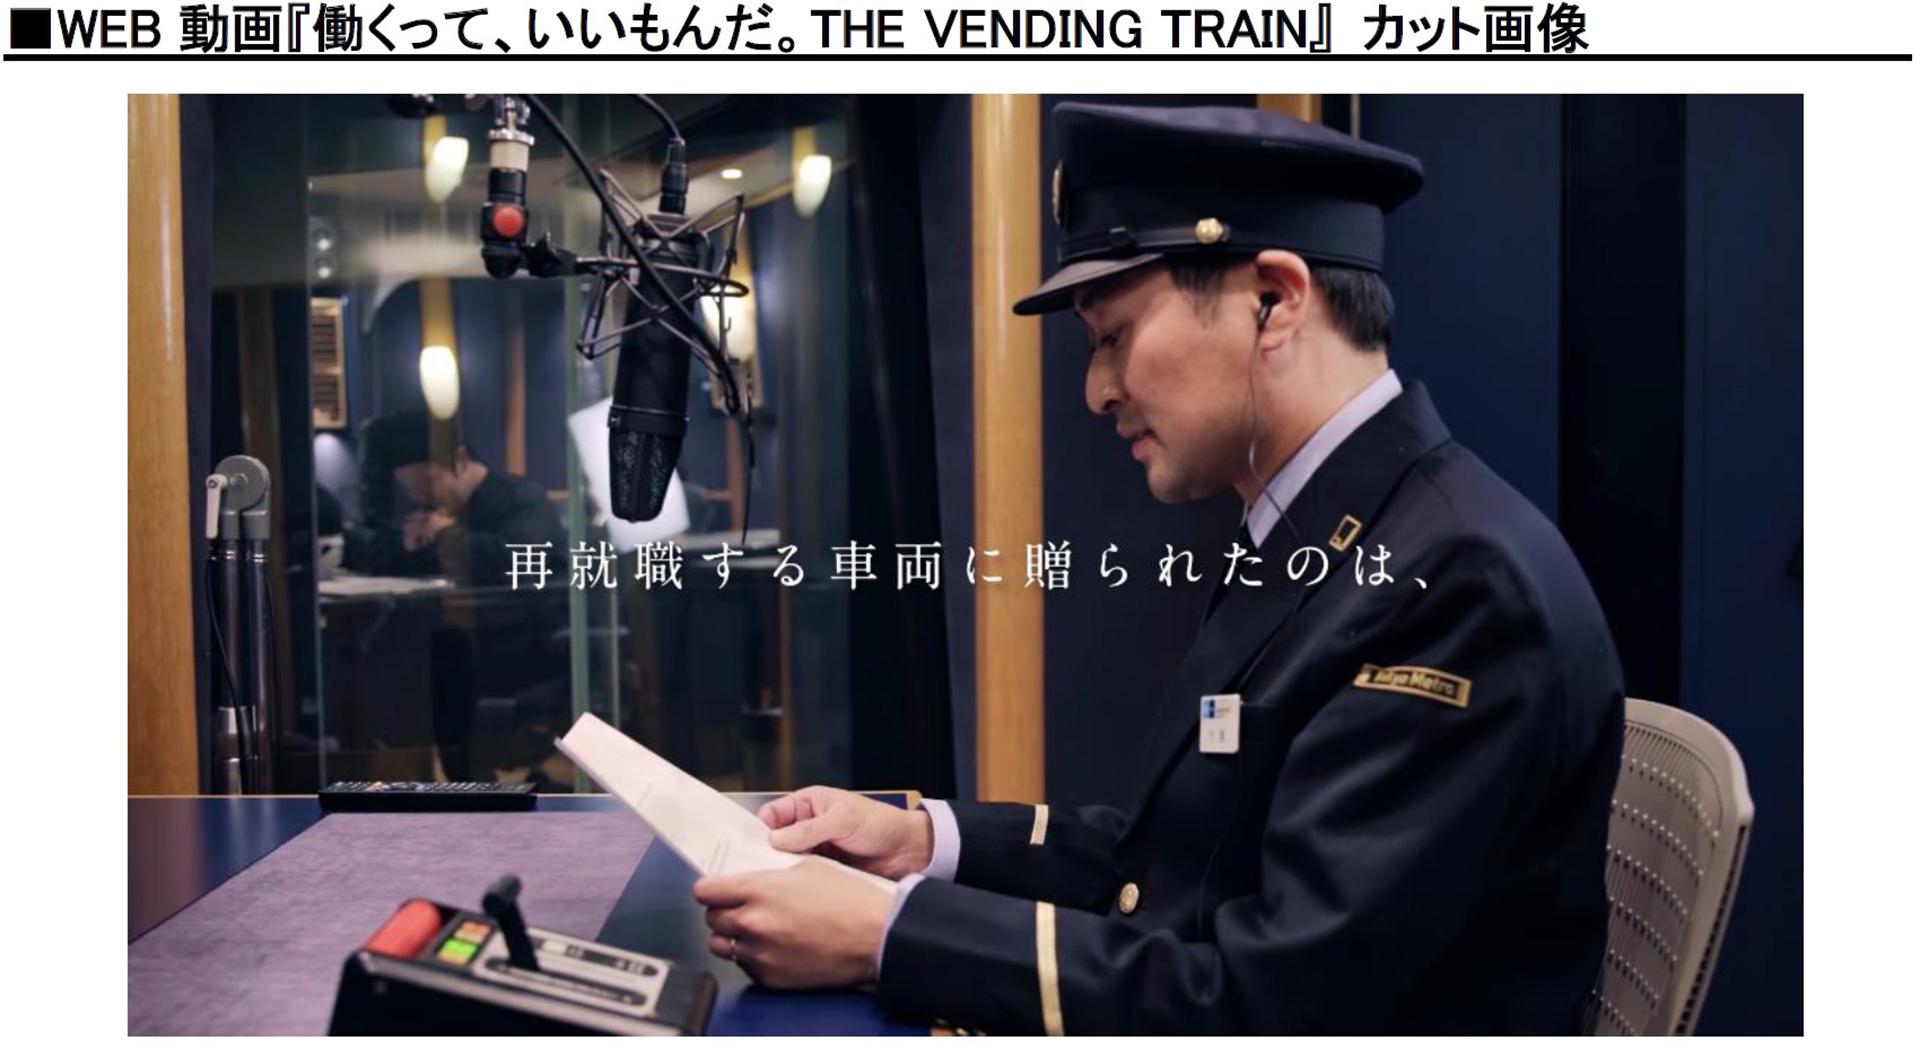 地下鉄車両自販機